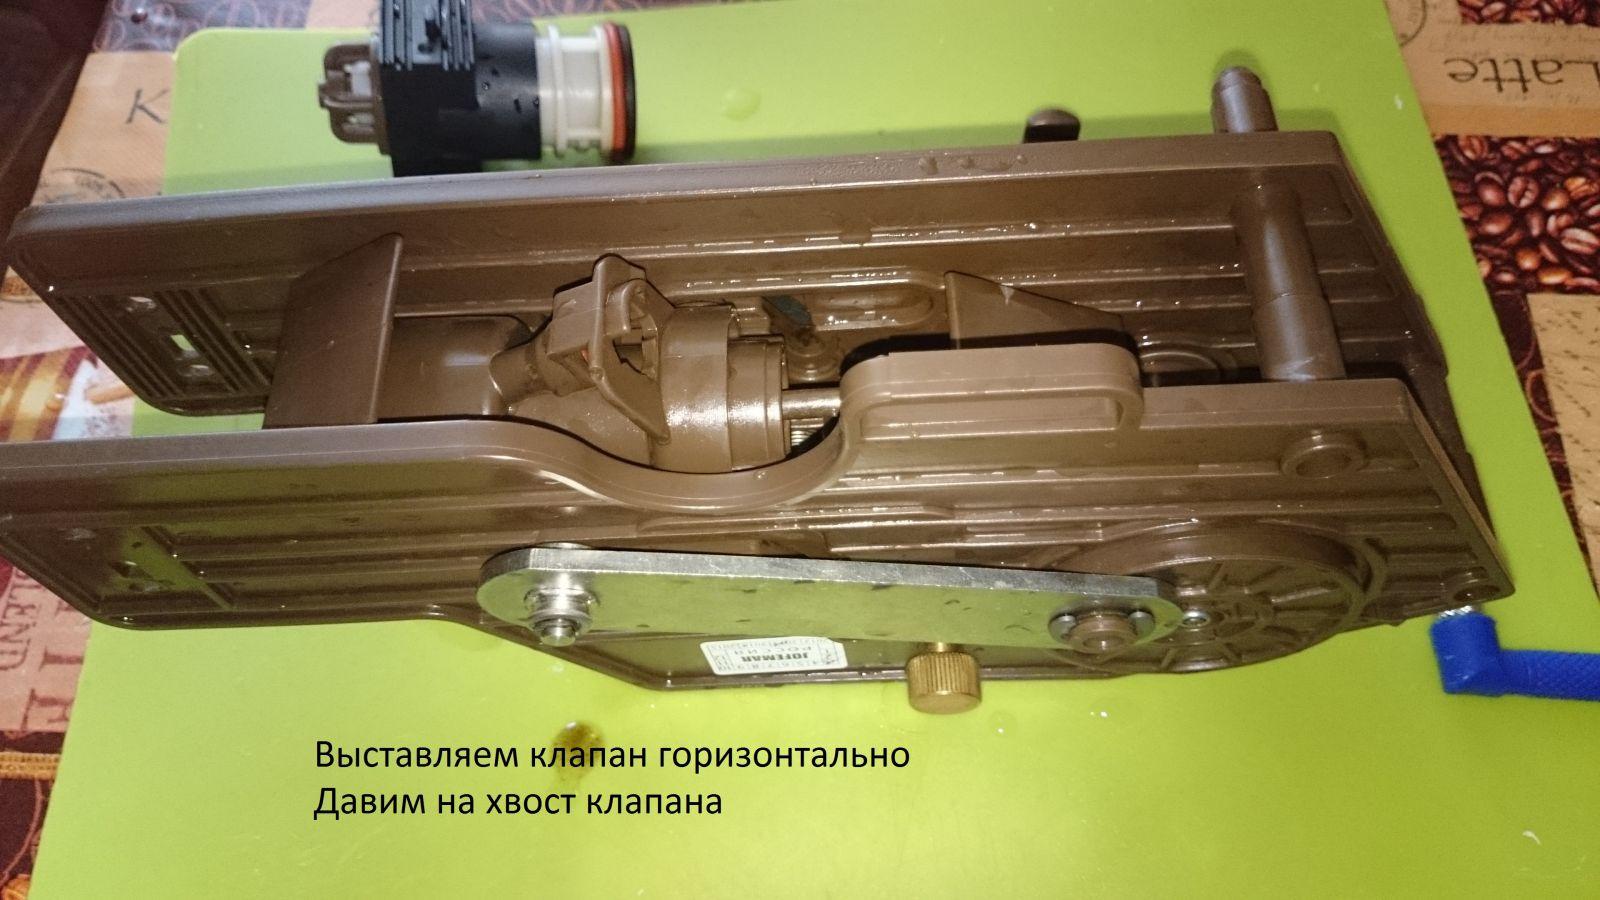 JofKV 7